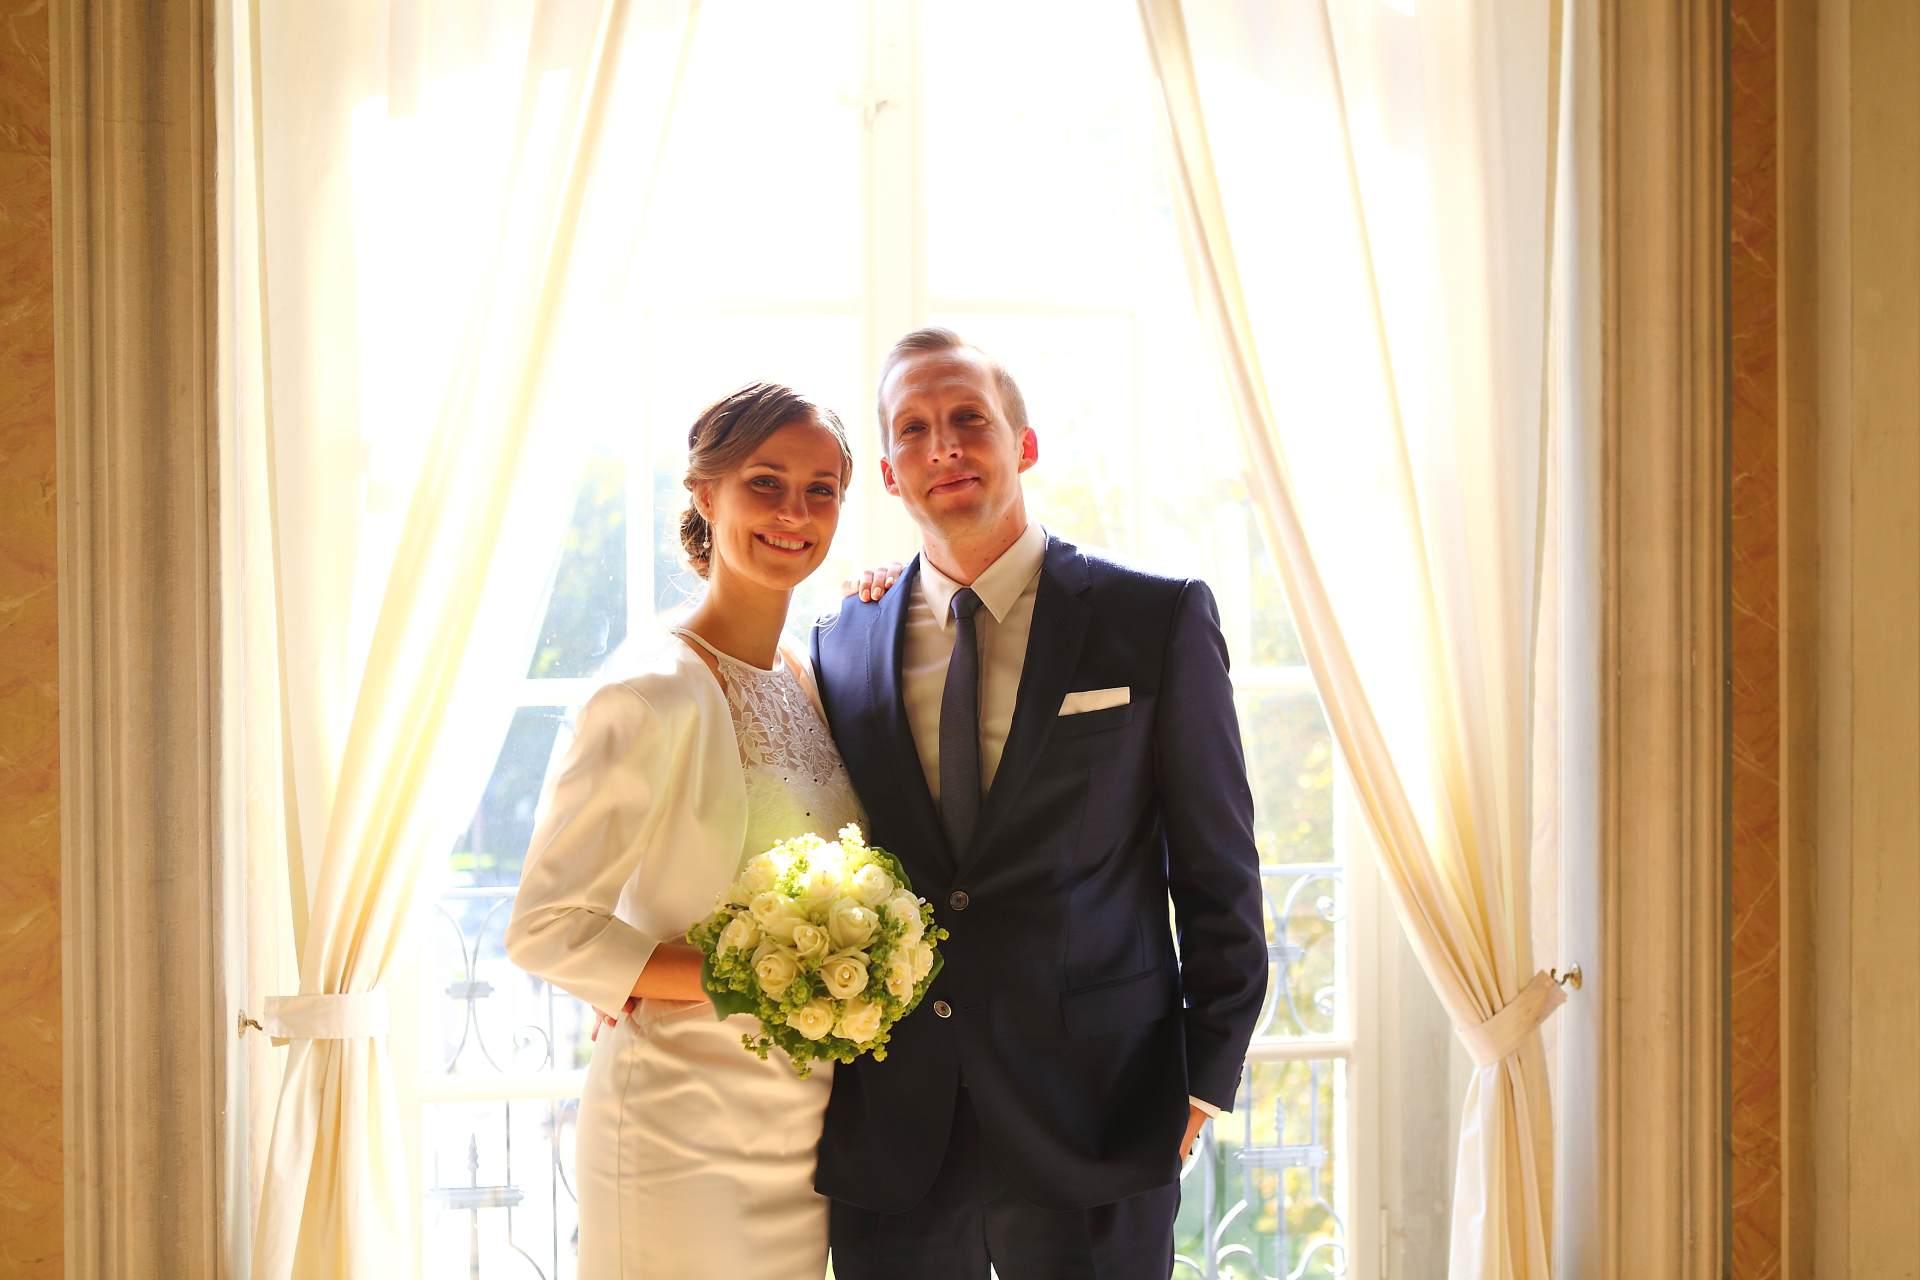 Hochzeitsfotos in Leipzig - Hochzeitspaar mit Brautstrauß vor dem Fenster